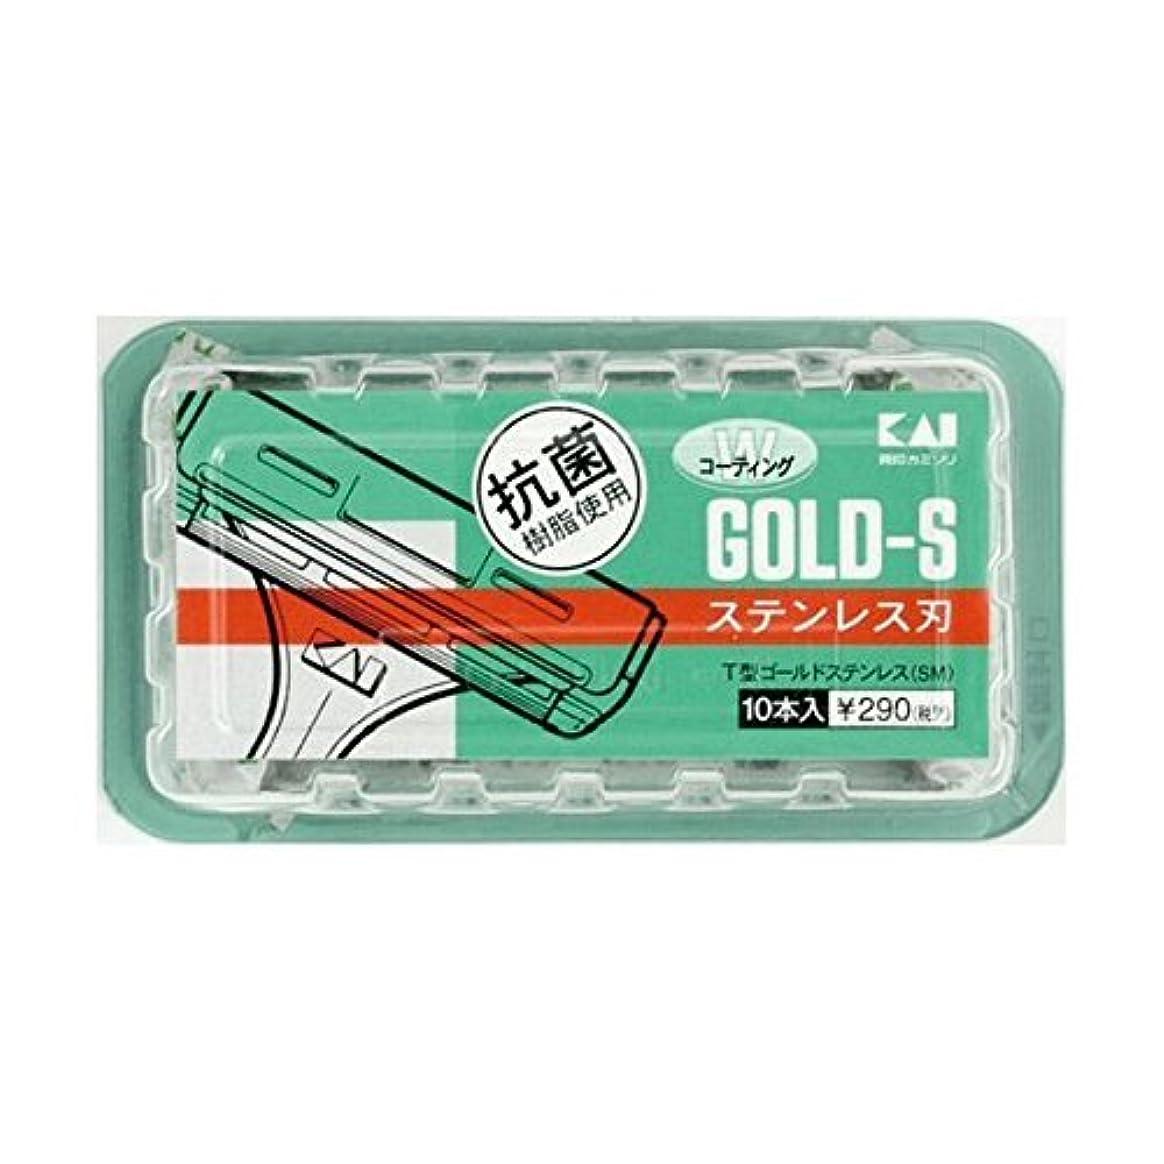 貝印 (業務用20セット) T型ゴールドステンレスSM10本